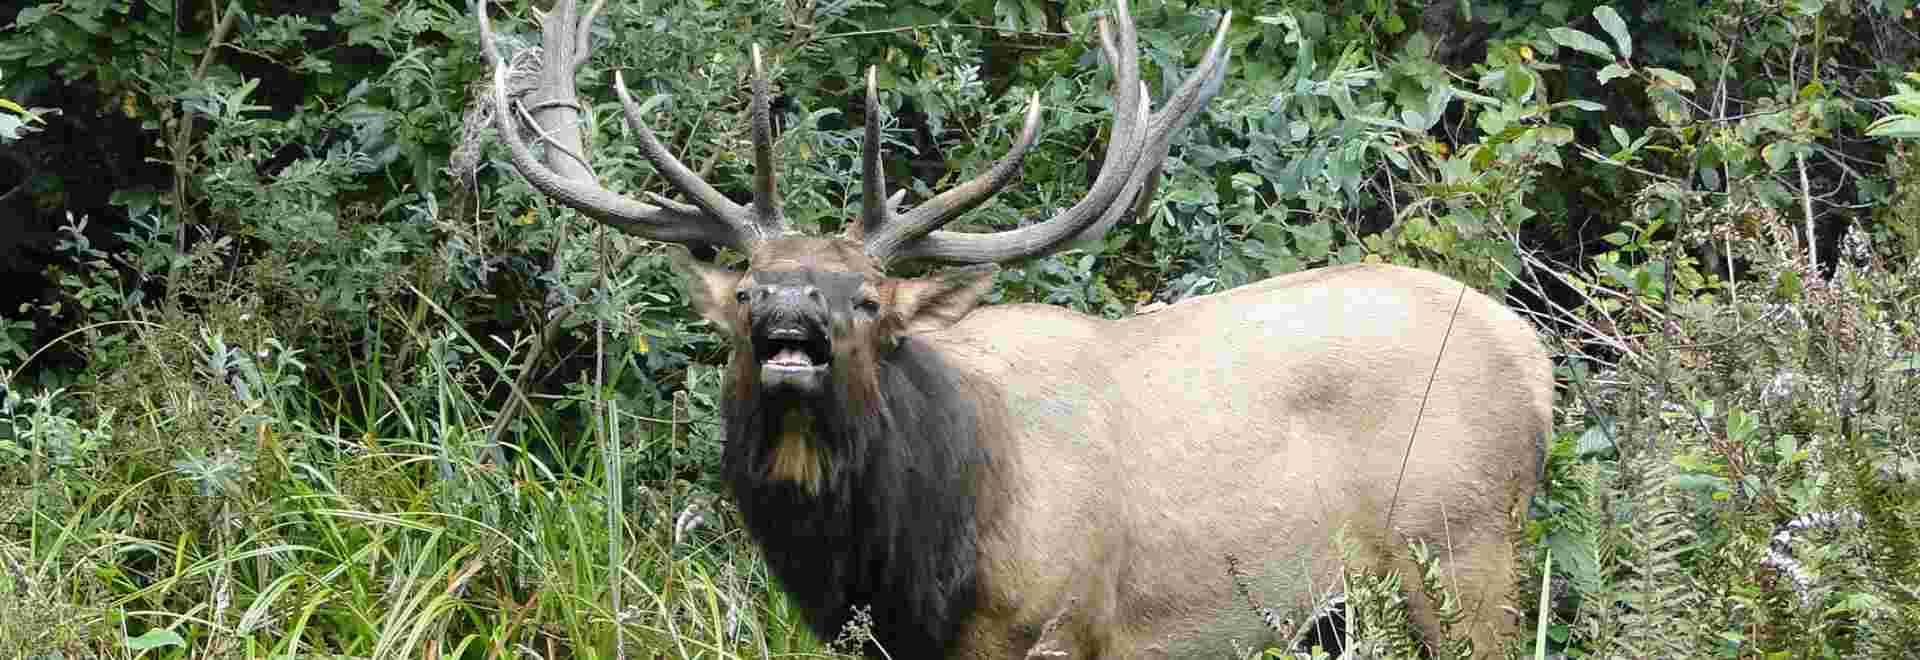 Bull Roosevelt Elk bugling